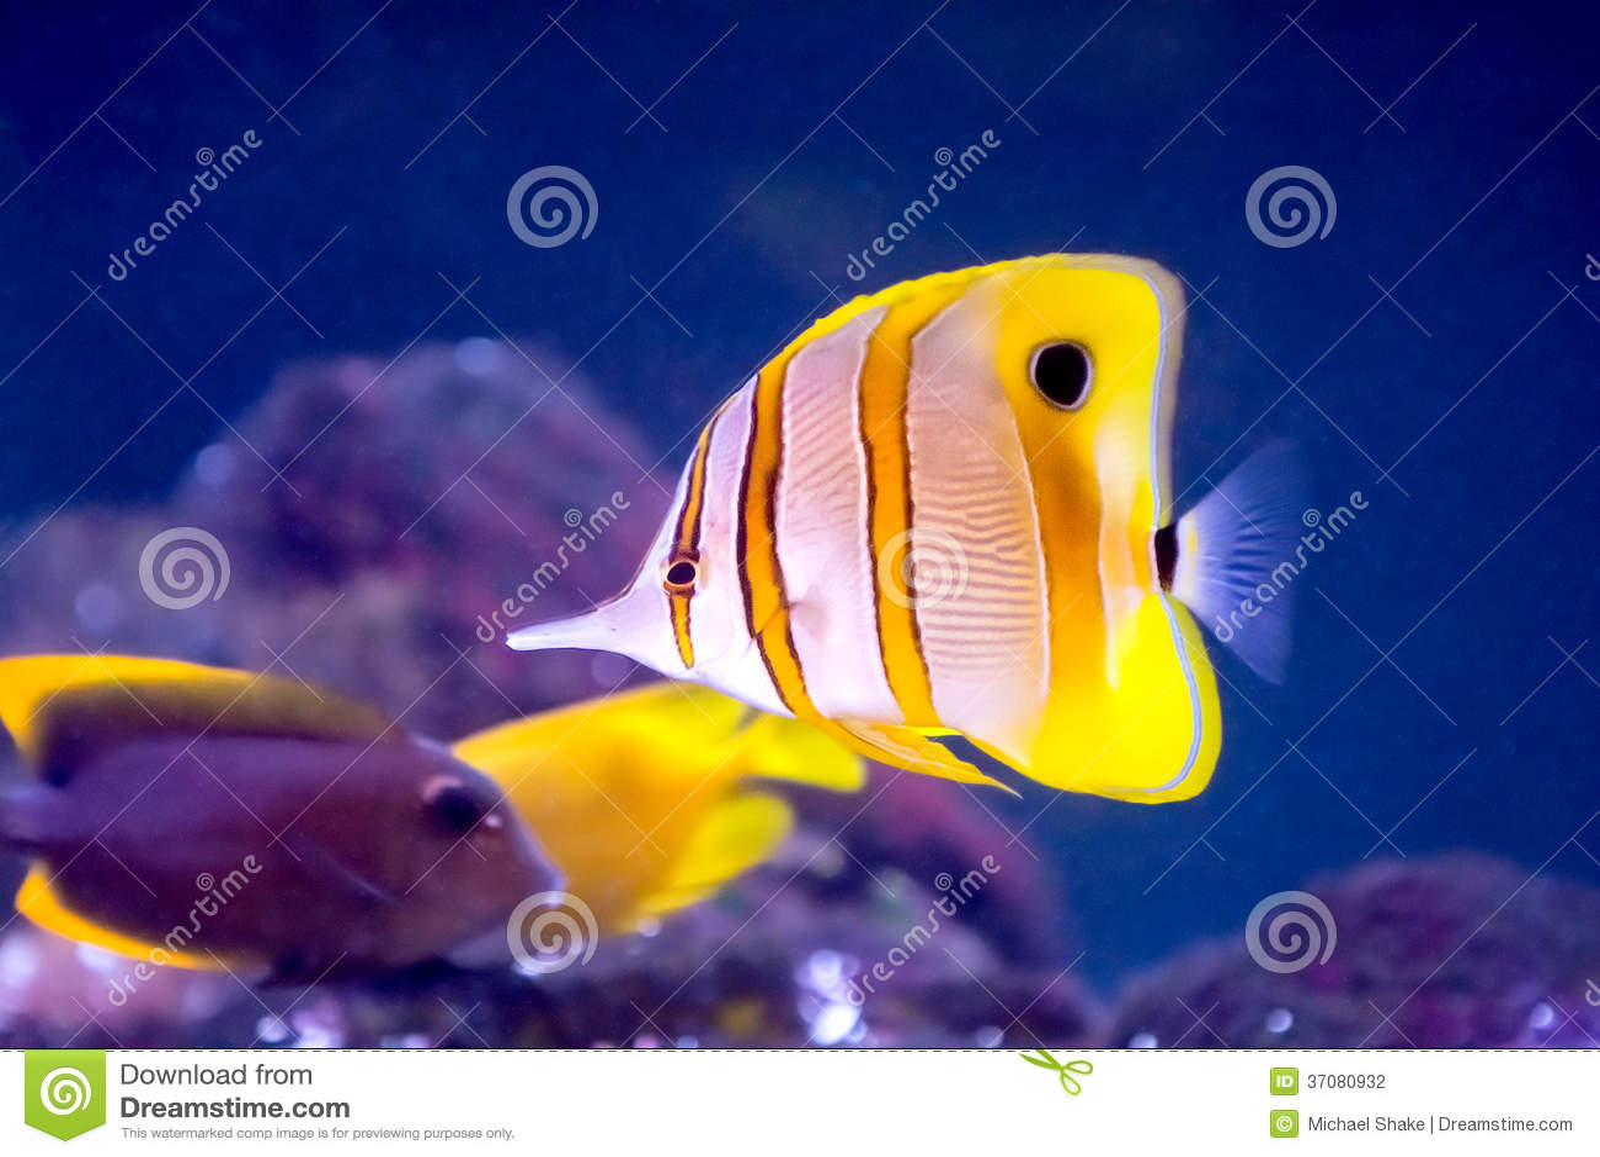 Download Copperband motyla ryba zdjęcie stock. Obraz złożonej z zwierzę - 37080932